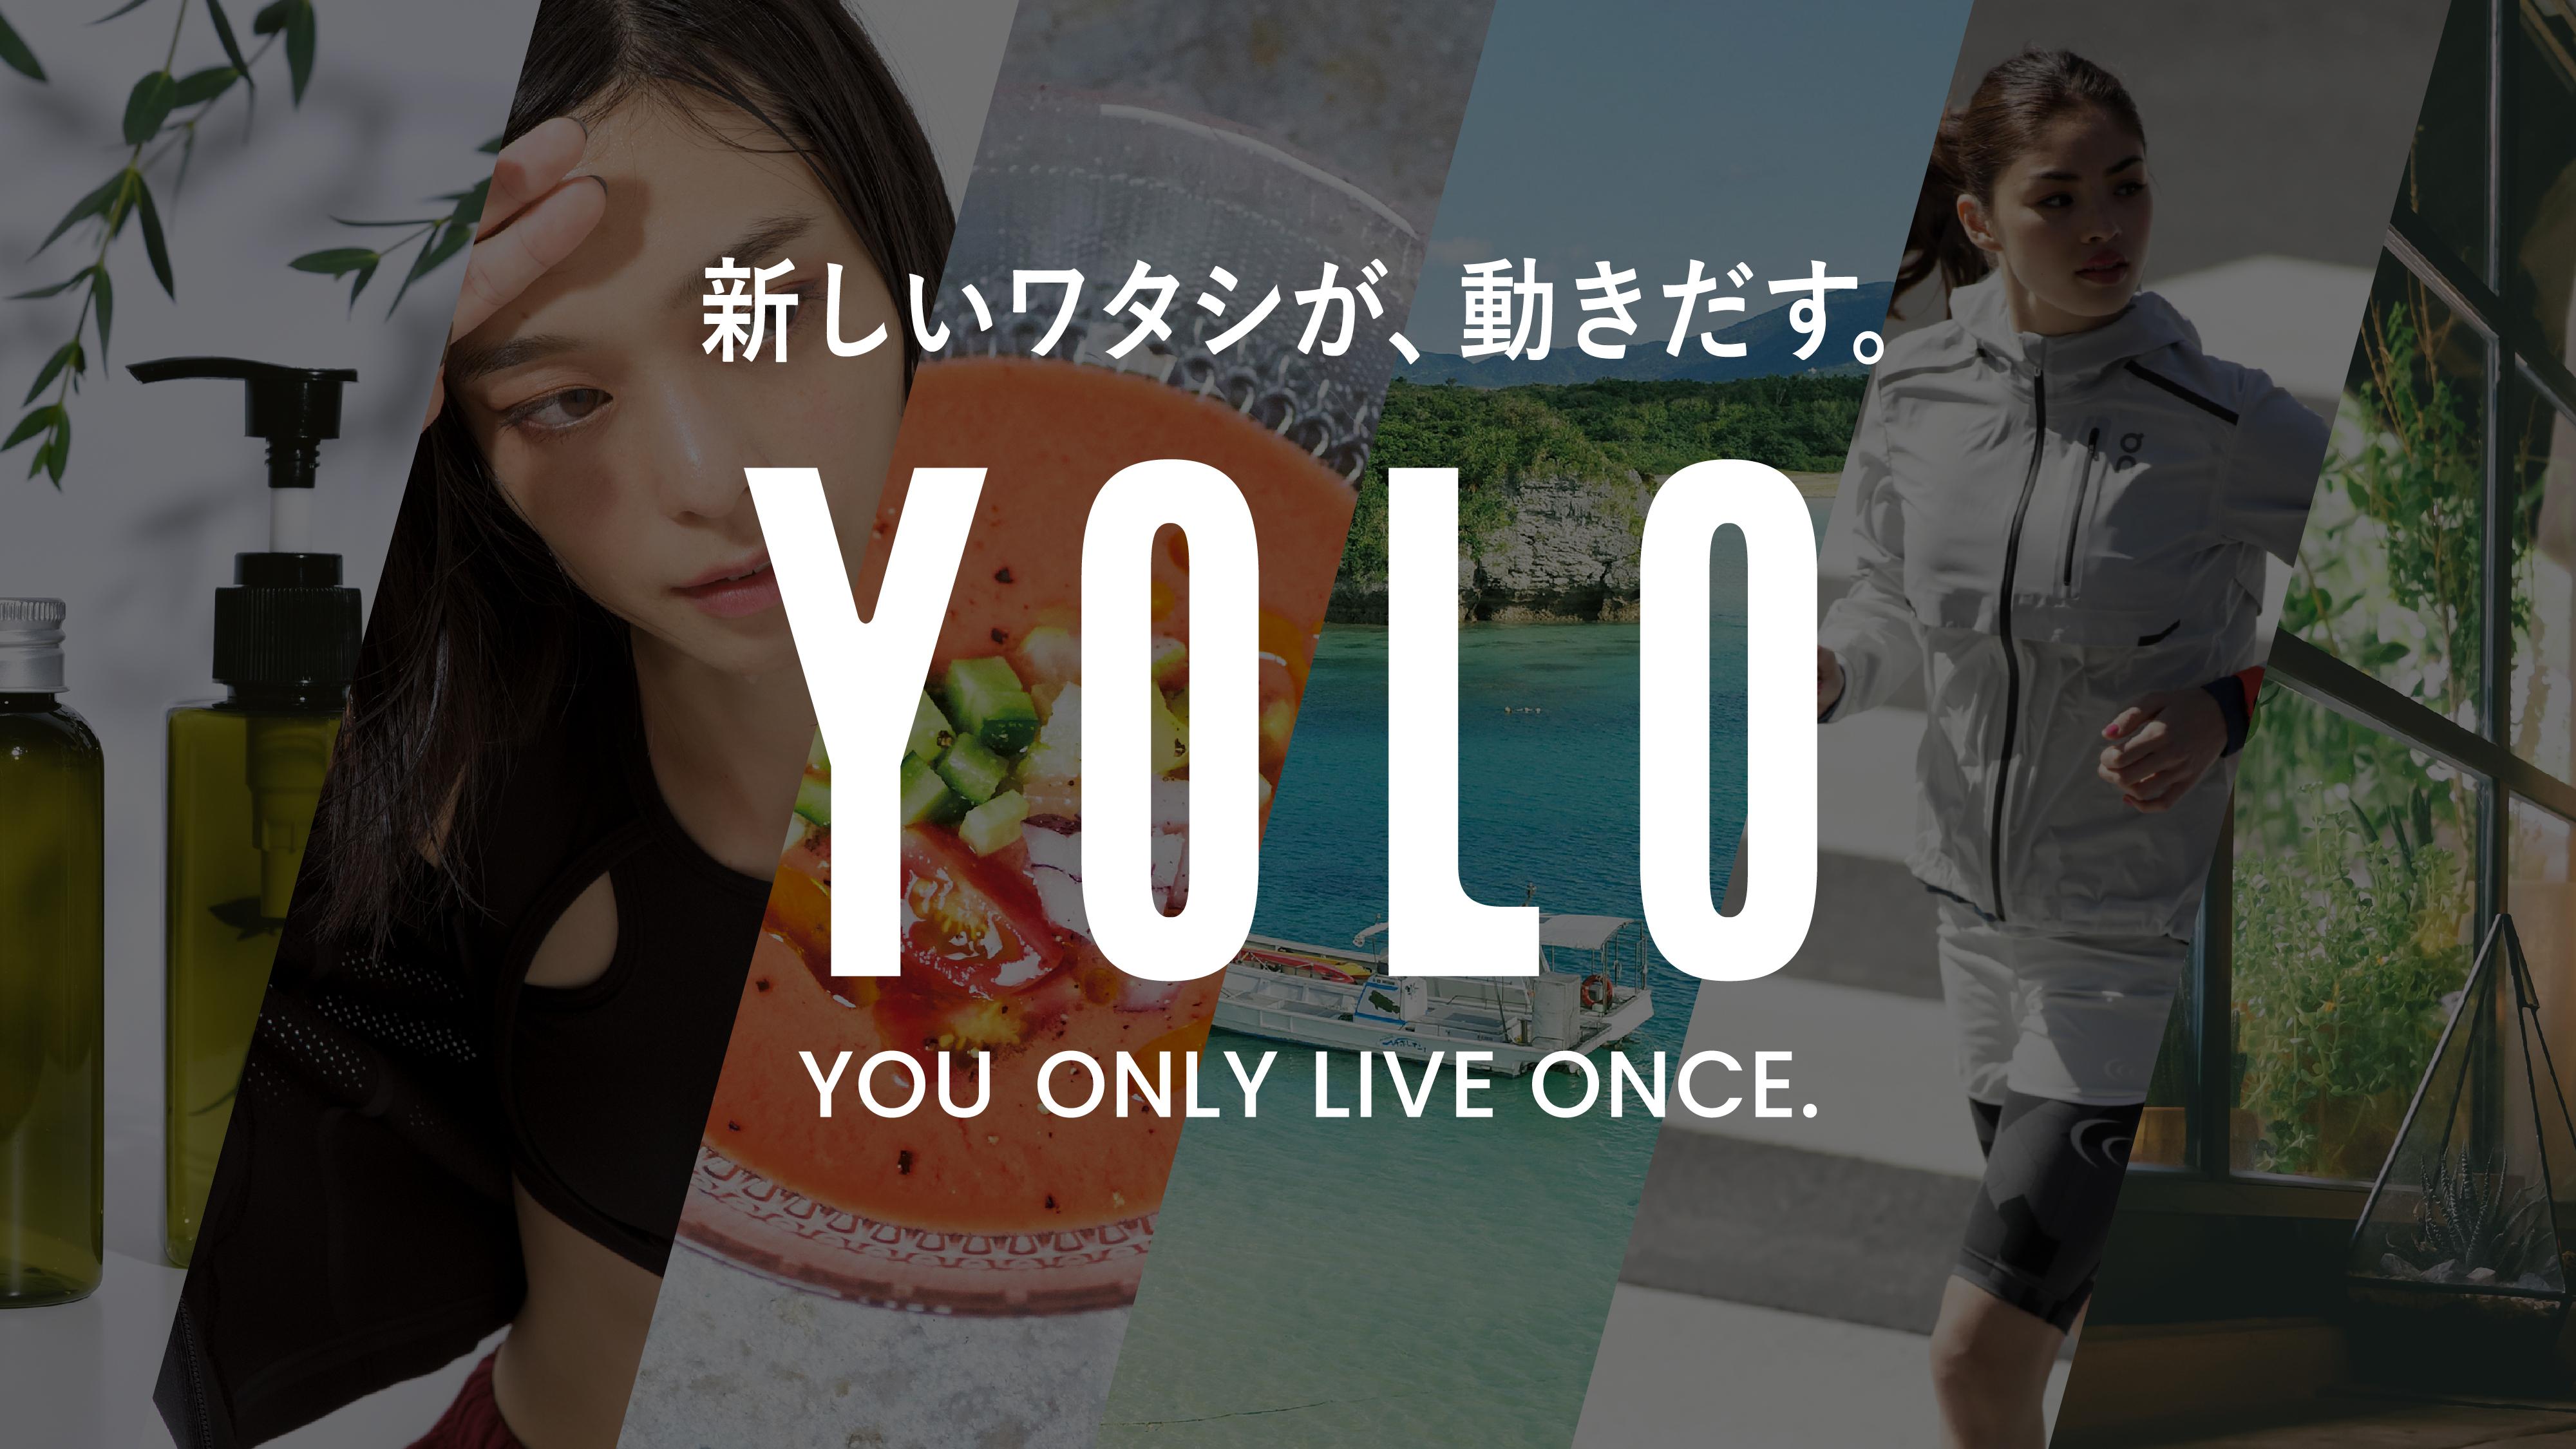 """""""アクティブ""""な生きかたを応援するメディア『YOLO』"""